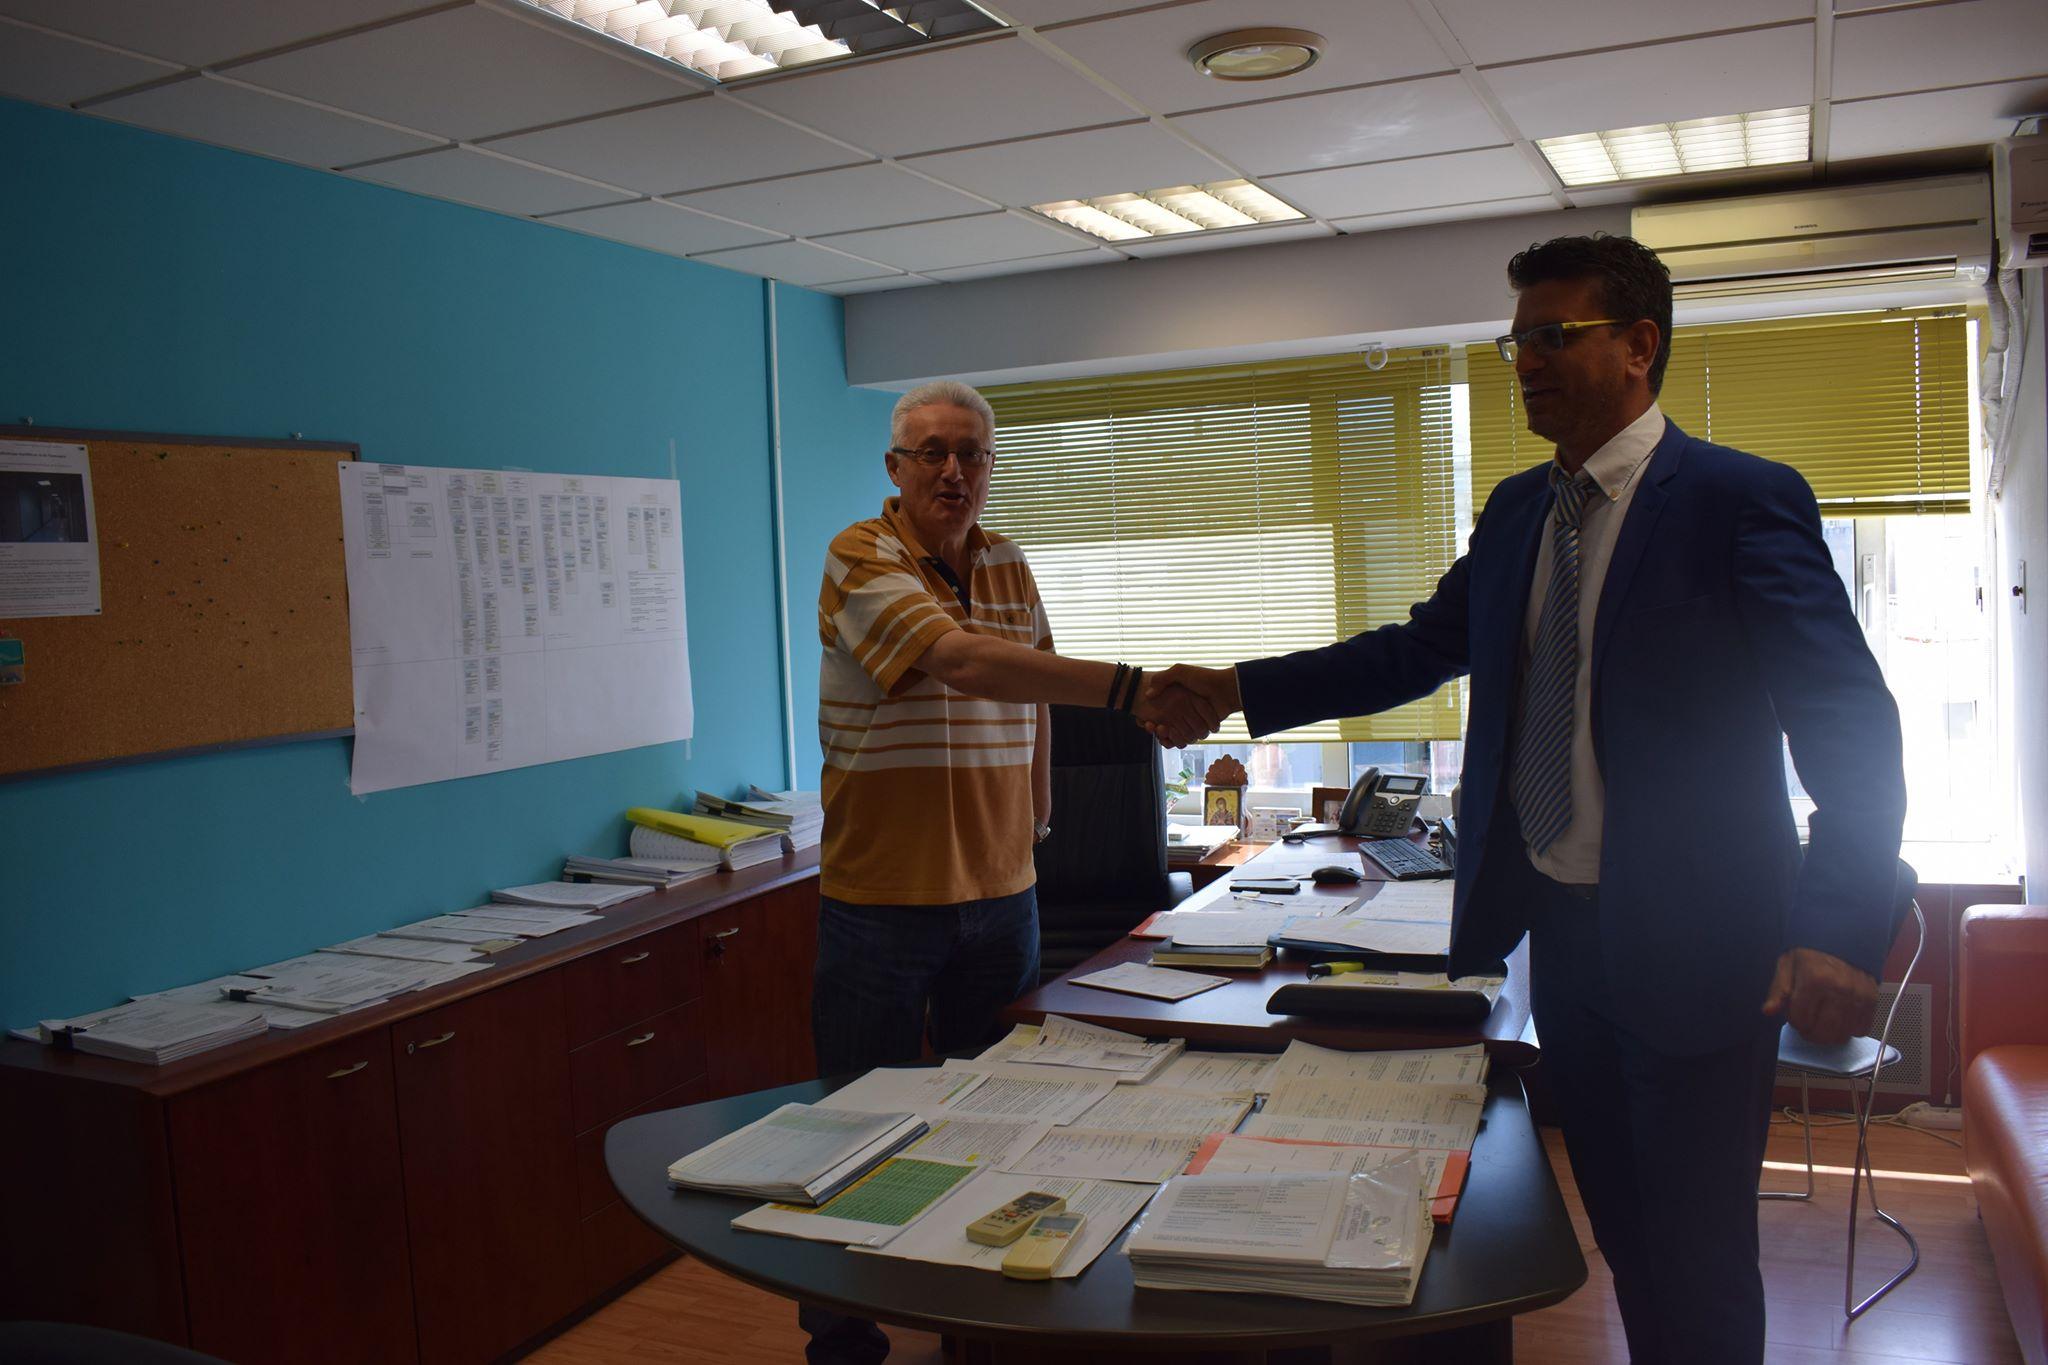 Δήμος Ανδραβίδας-Κυλλήνης: Συναντήσεις Δημάρχου Γιάννη Λέντζα στην ΚΤΥΠ - Ξεκινούν τον Οκτώβριο οι διαδικασίες μετεγκατάστασης του δημοτικού σχολείου της Ανδραβίδας (photos)